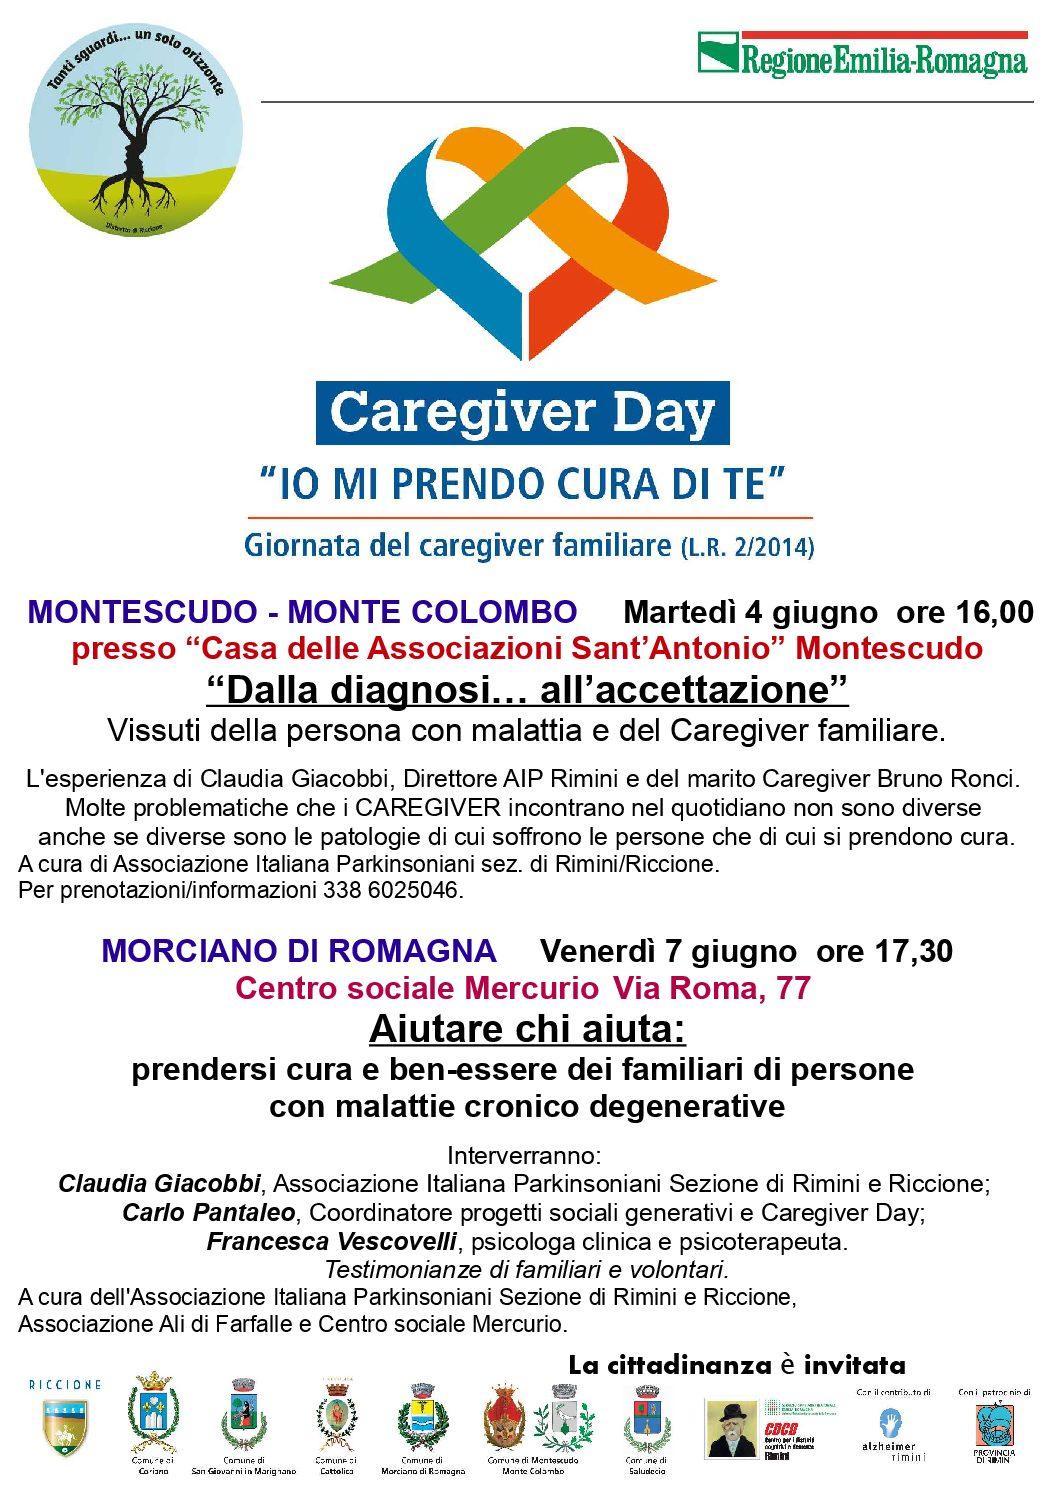 """Caregiver Day: """"IO MI PRENDO CURA DI TE"""" Giornata del Caregiver familiare (L.R. 2/2014) – 26 maggio 2019 ore 16,00"""